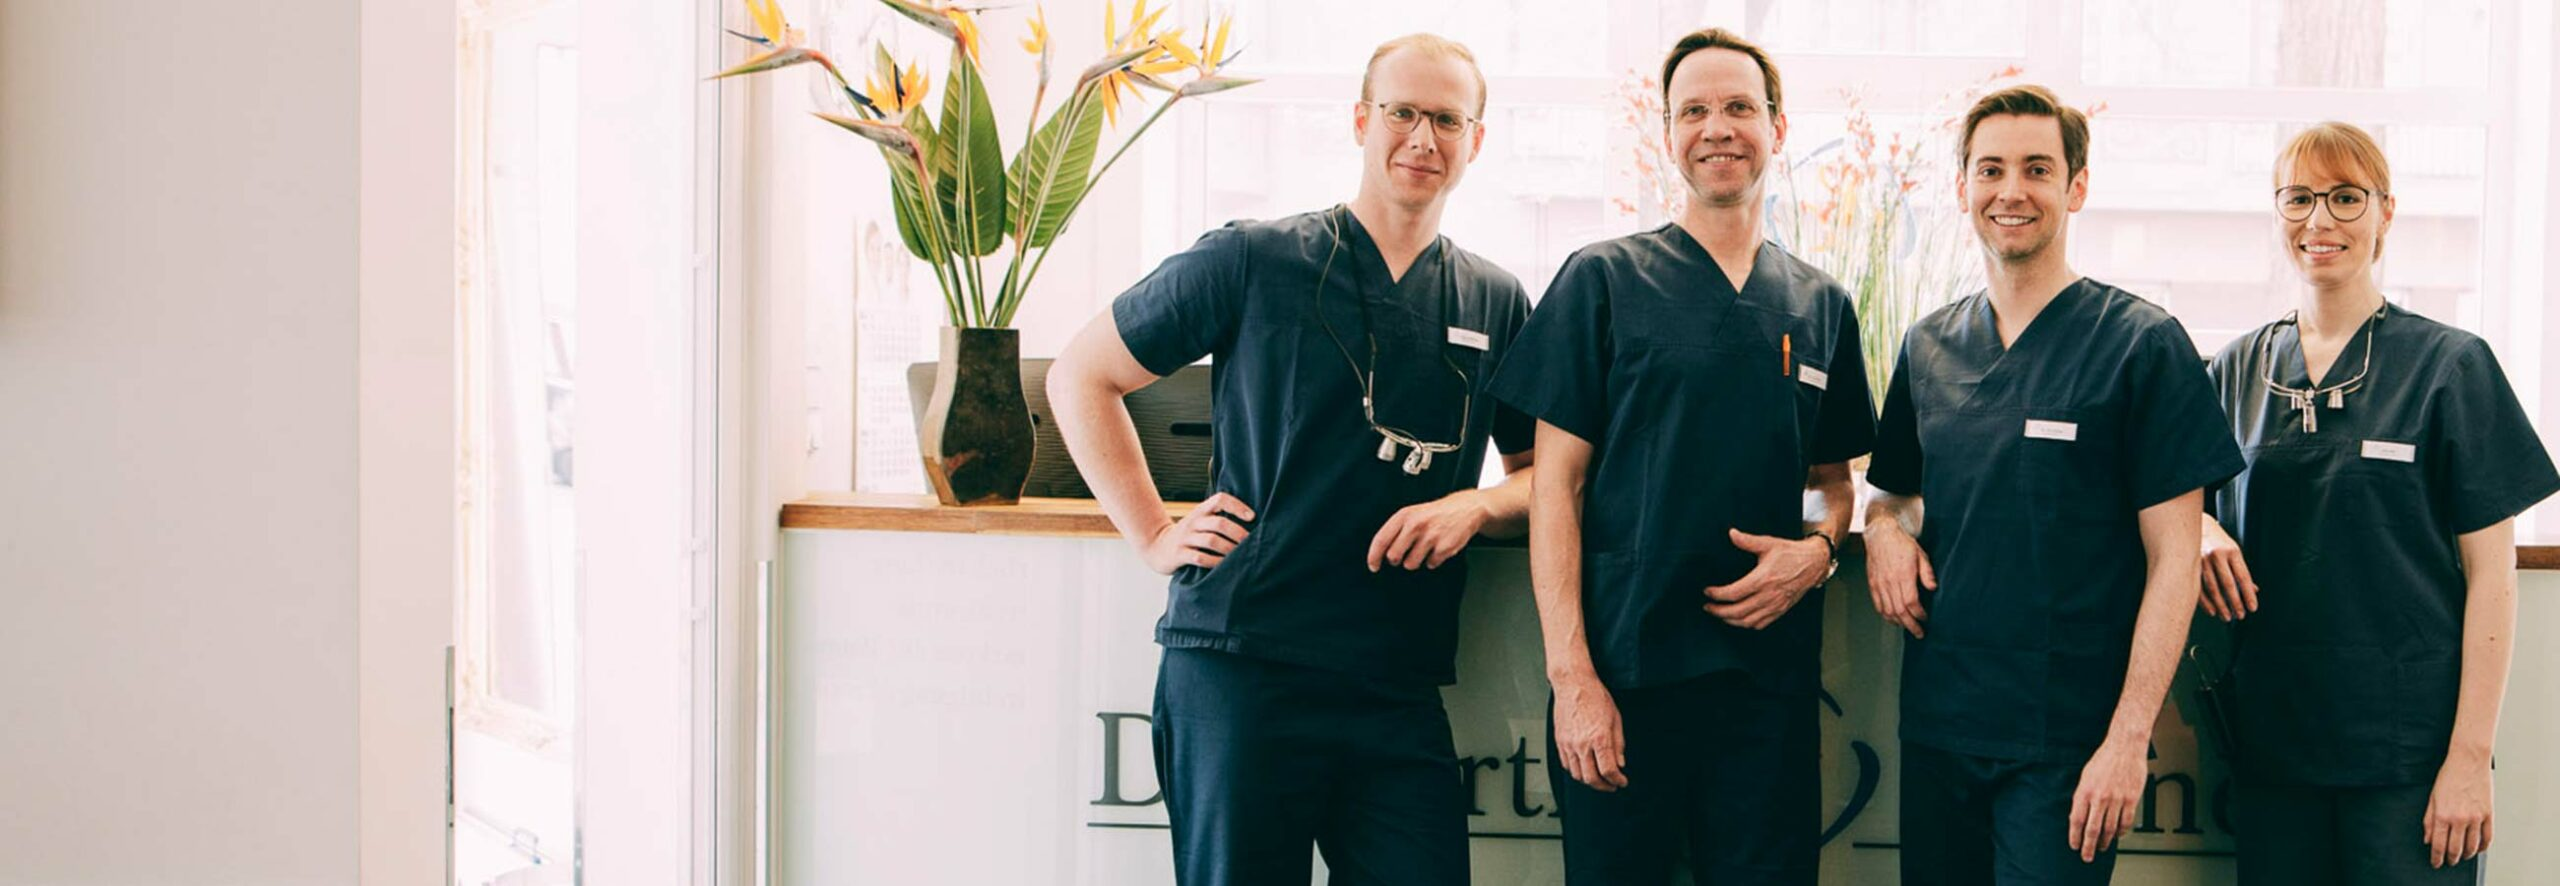 Ihr Zahnarzt in Berlin-Spandau, das Team von Dr. Kurth & Partner.